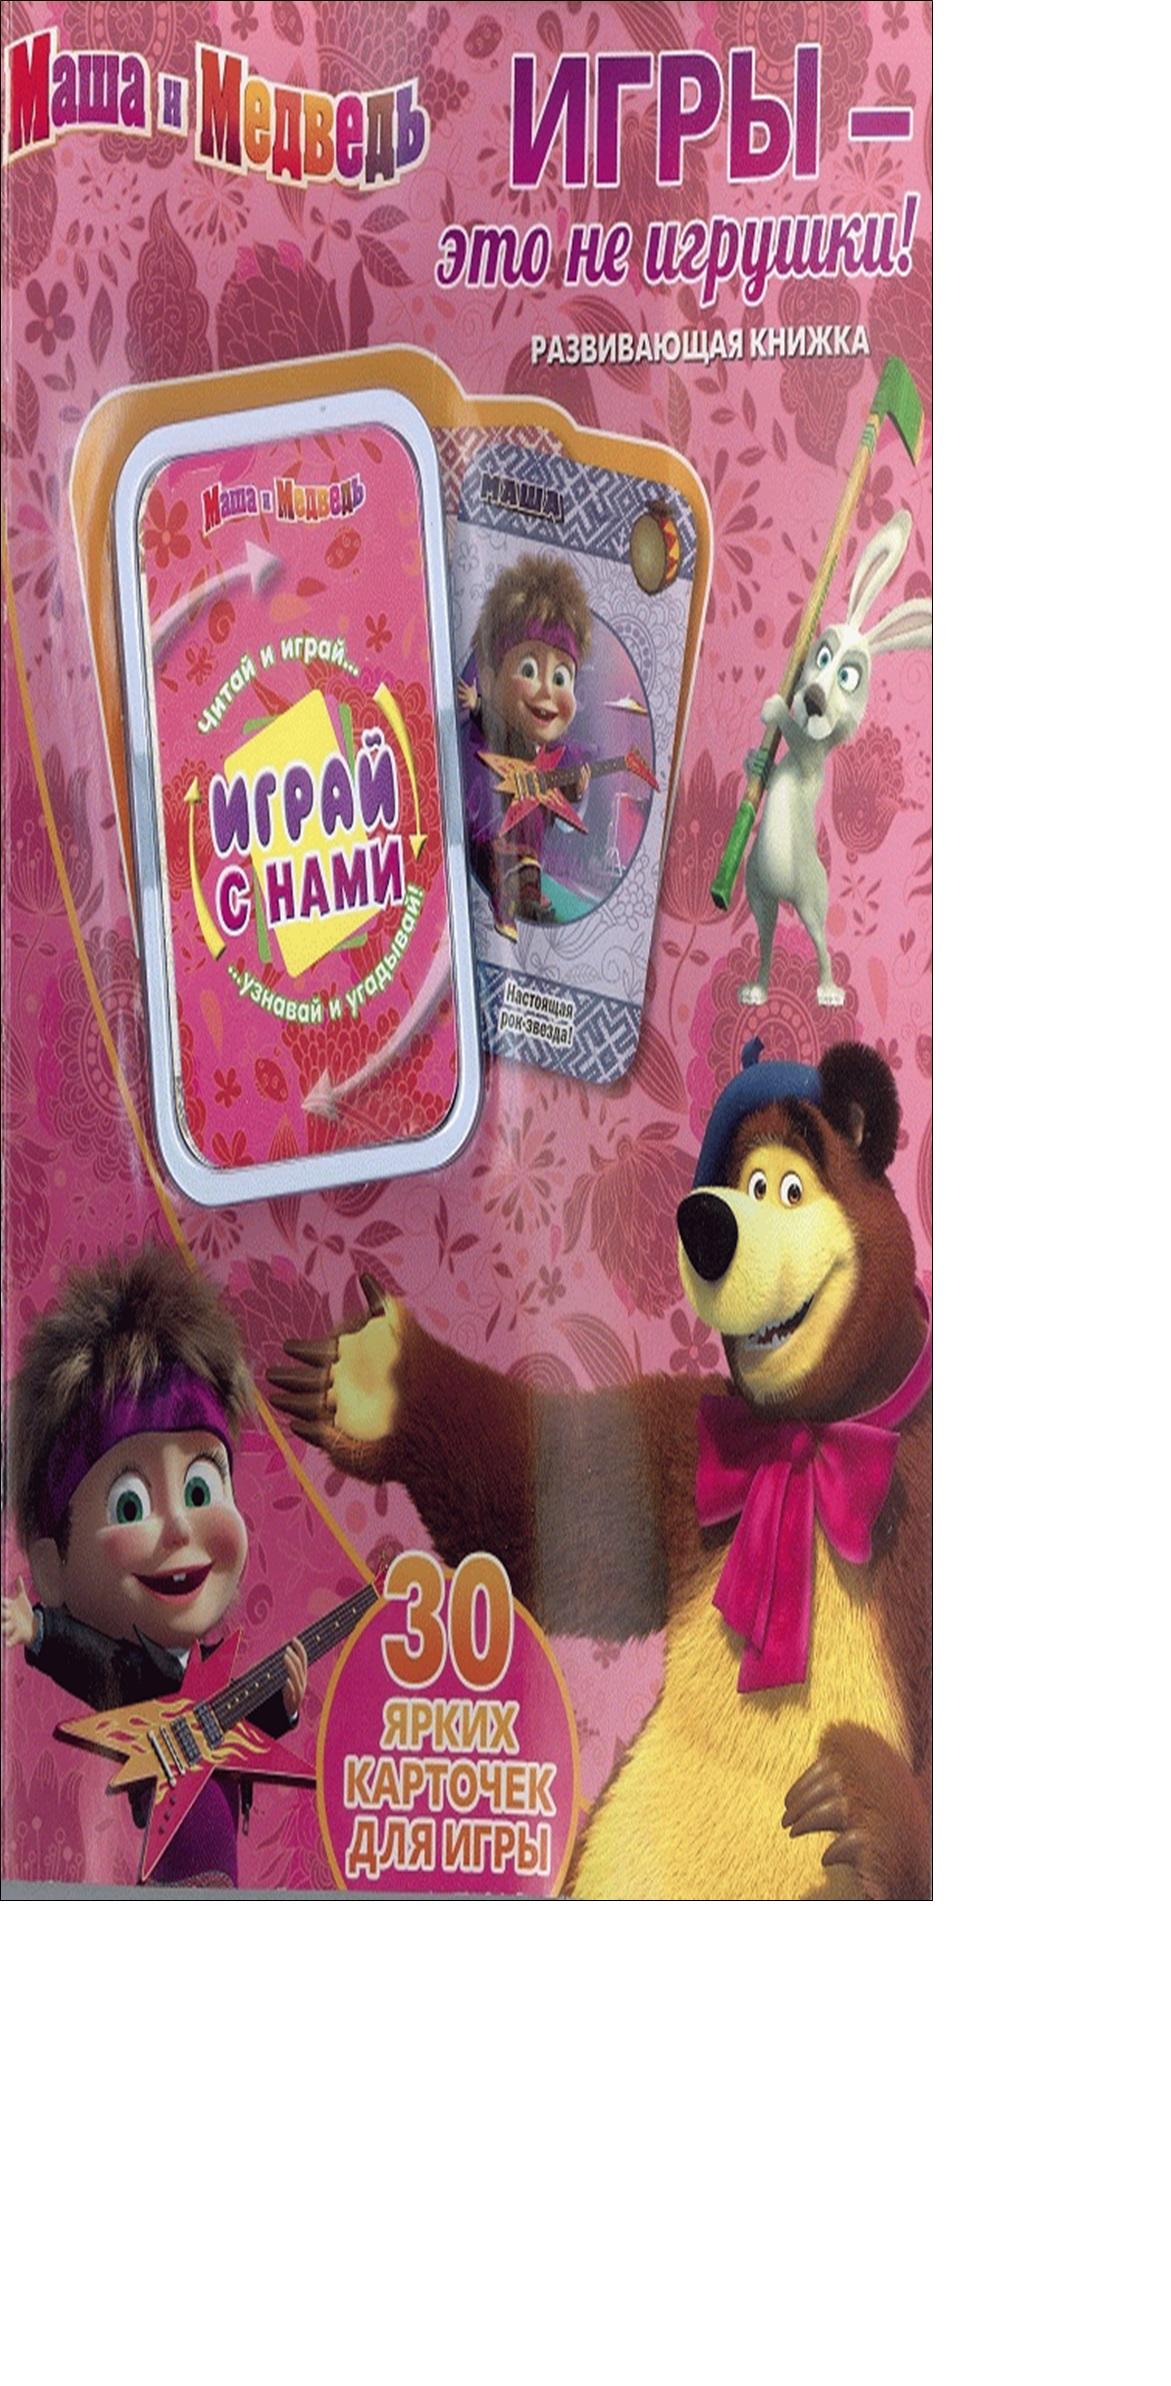 Маша и медведь. Игры - это не игрушки!. Развивающая книжка. 30 ярких карточек для игры